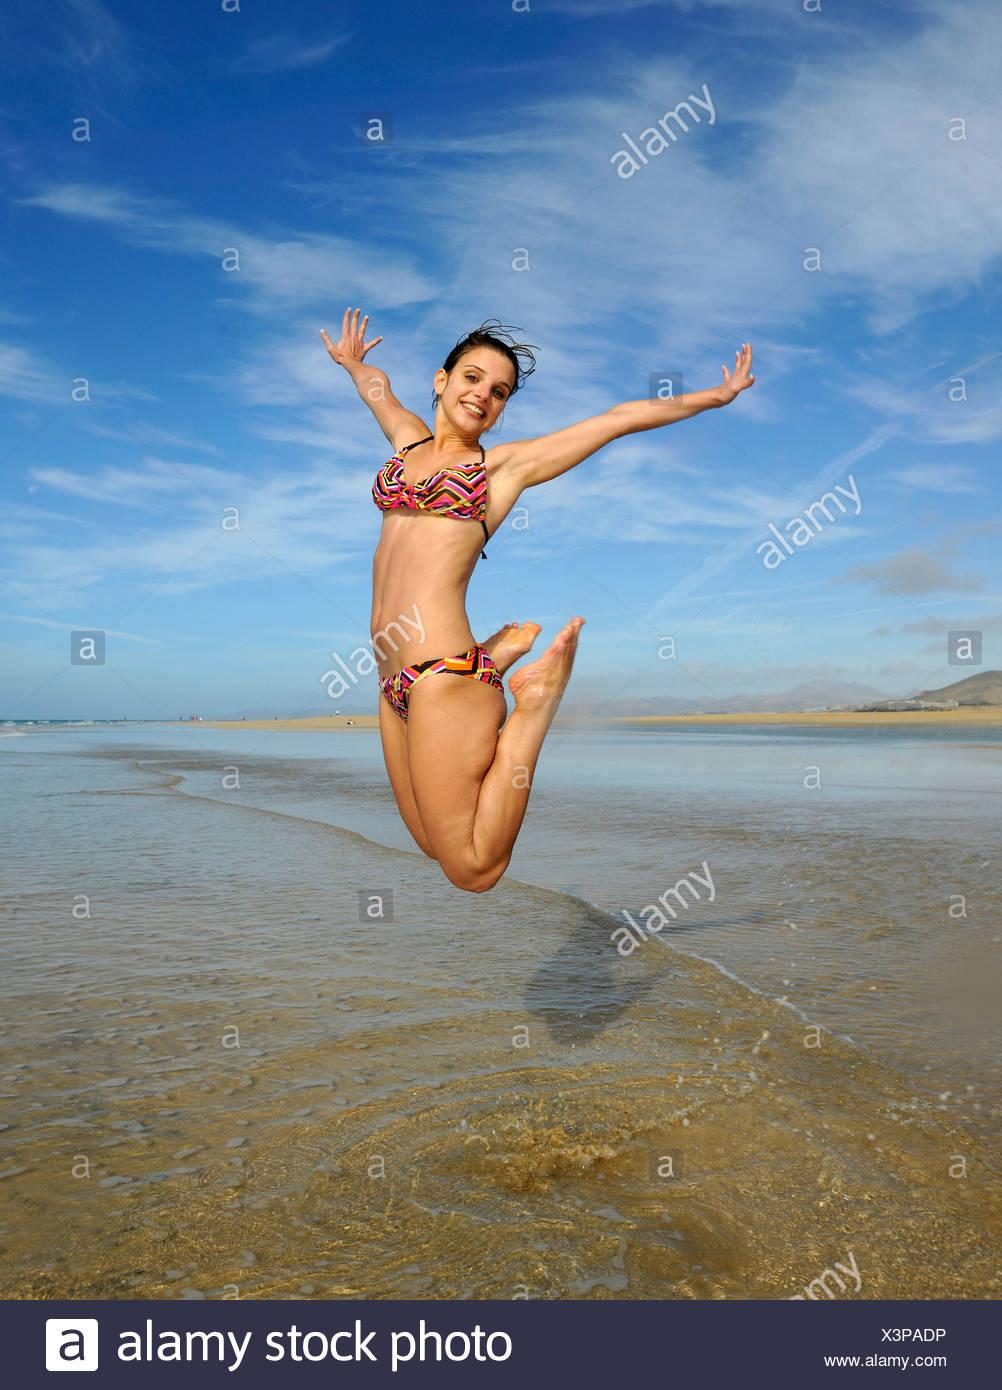 Salto en el aire, joven en el mar, imagen simbólica para la vitalidad, la lujuria para la vida, la Playa de Sotavento de Jandía Beach Imagen De Stock